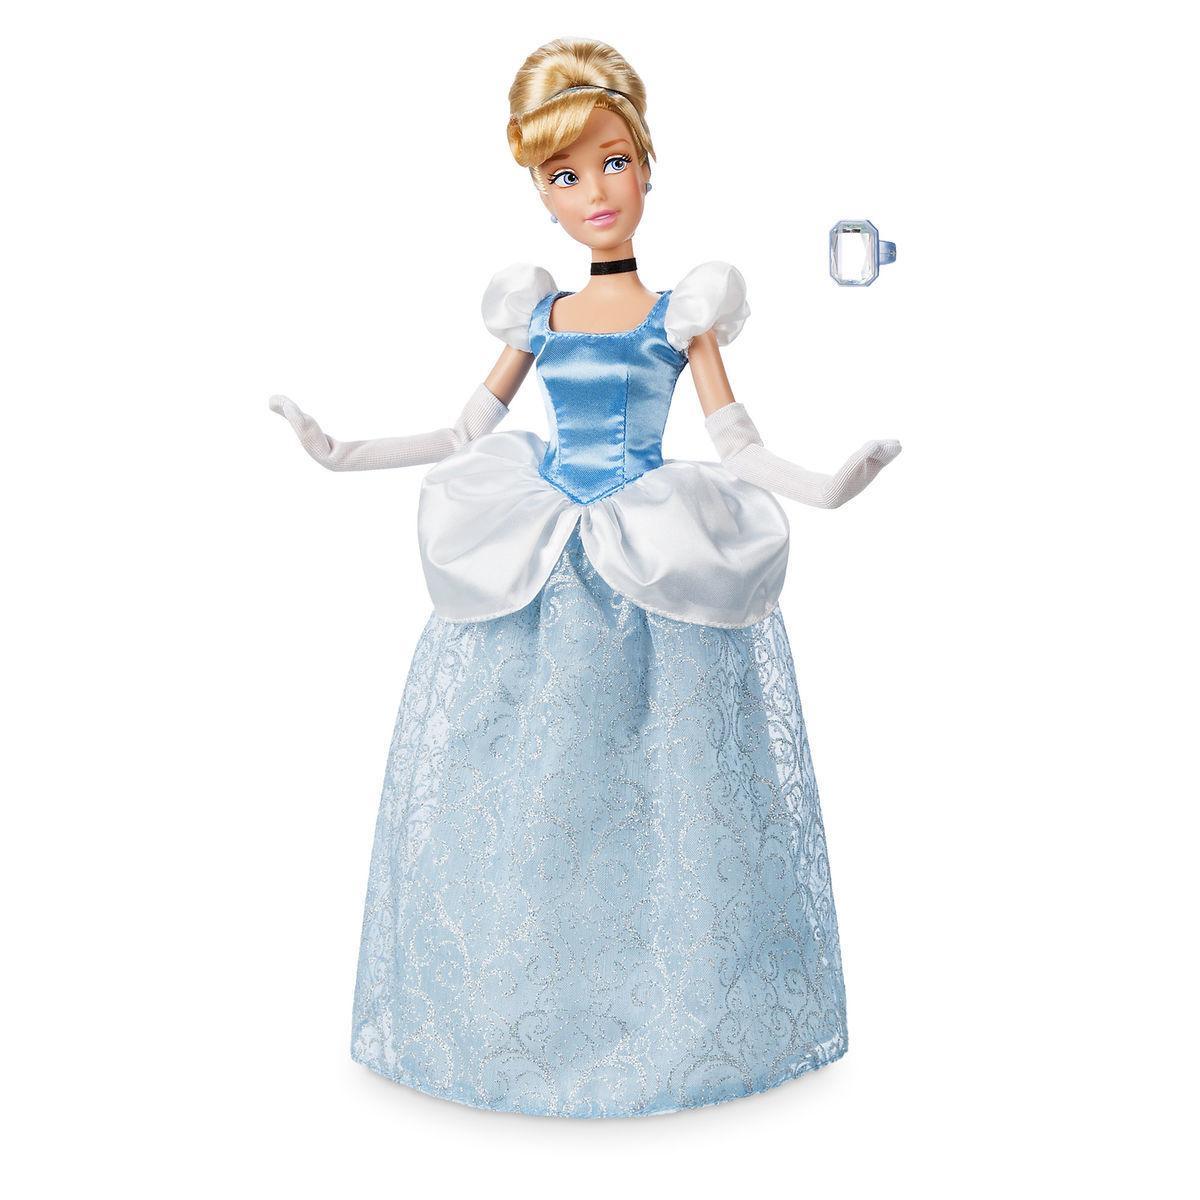 Лялька Попелюшка класична Дісней Принцеса з кільцем